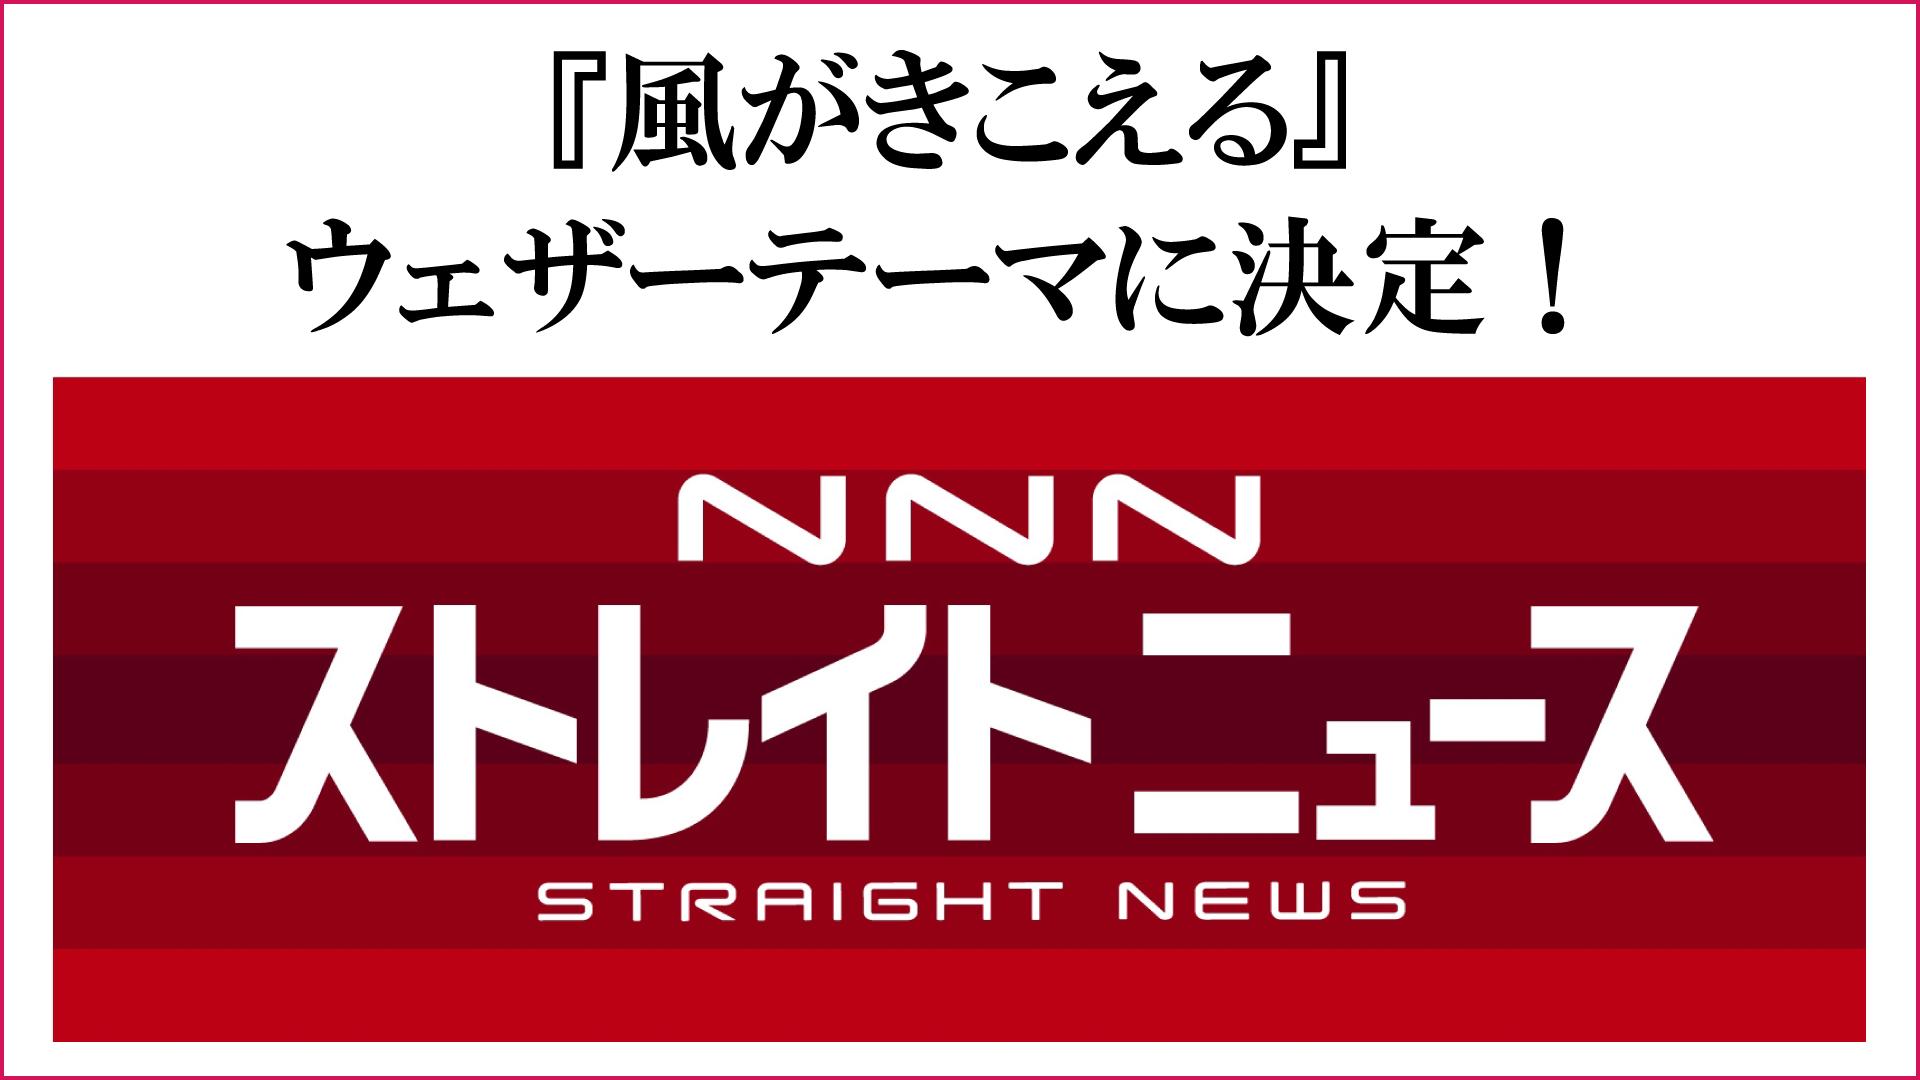 NNN_bn